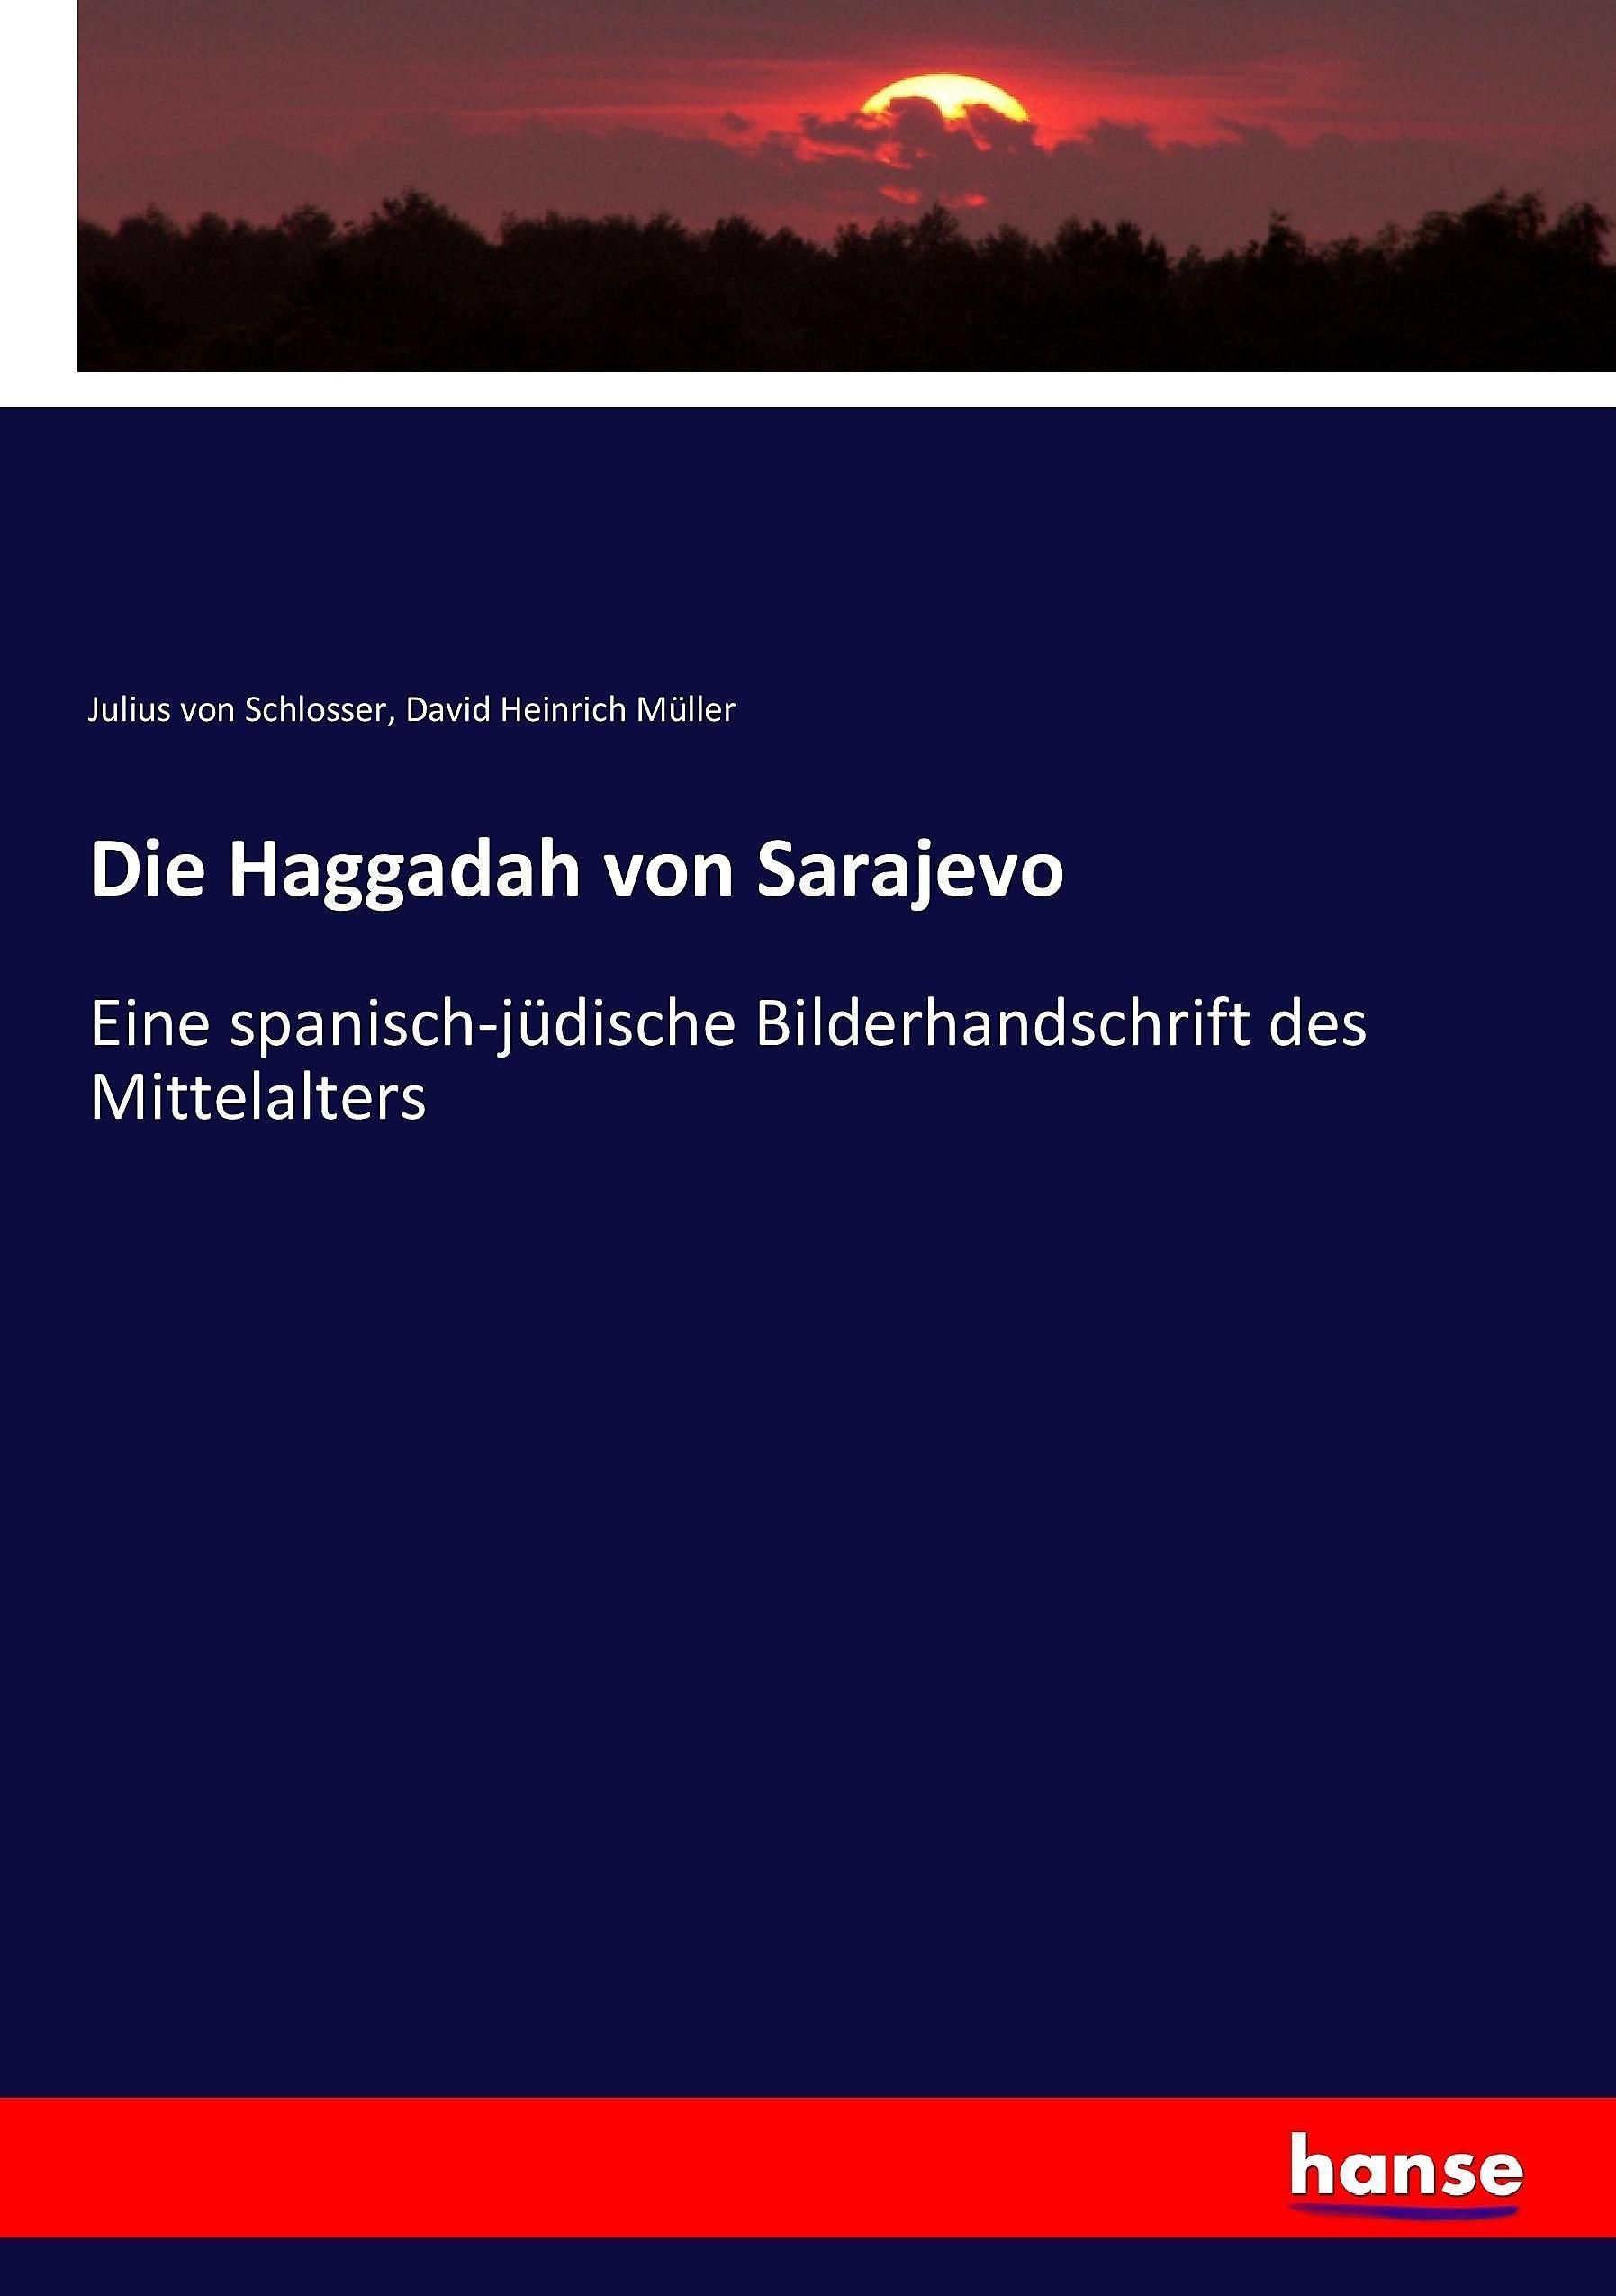 Die Haggadah von Sarajevo Buch portofrei bei Weltbild.de